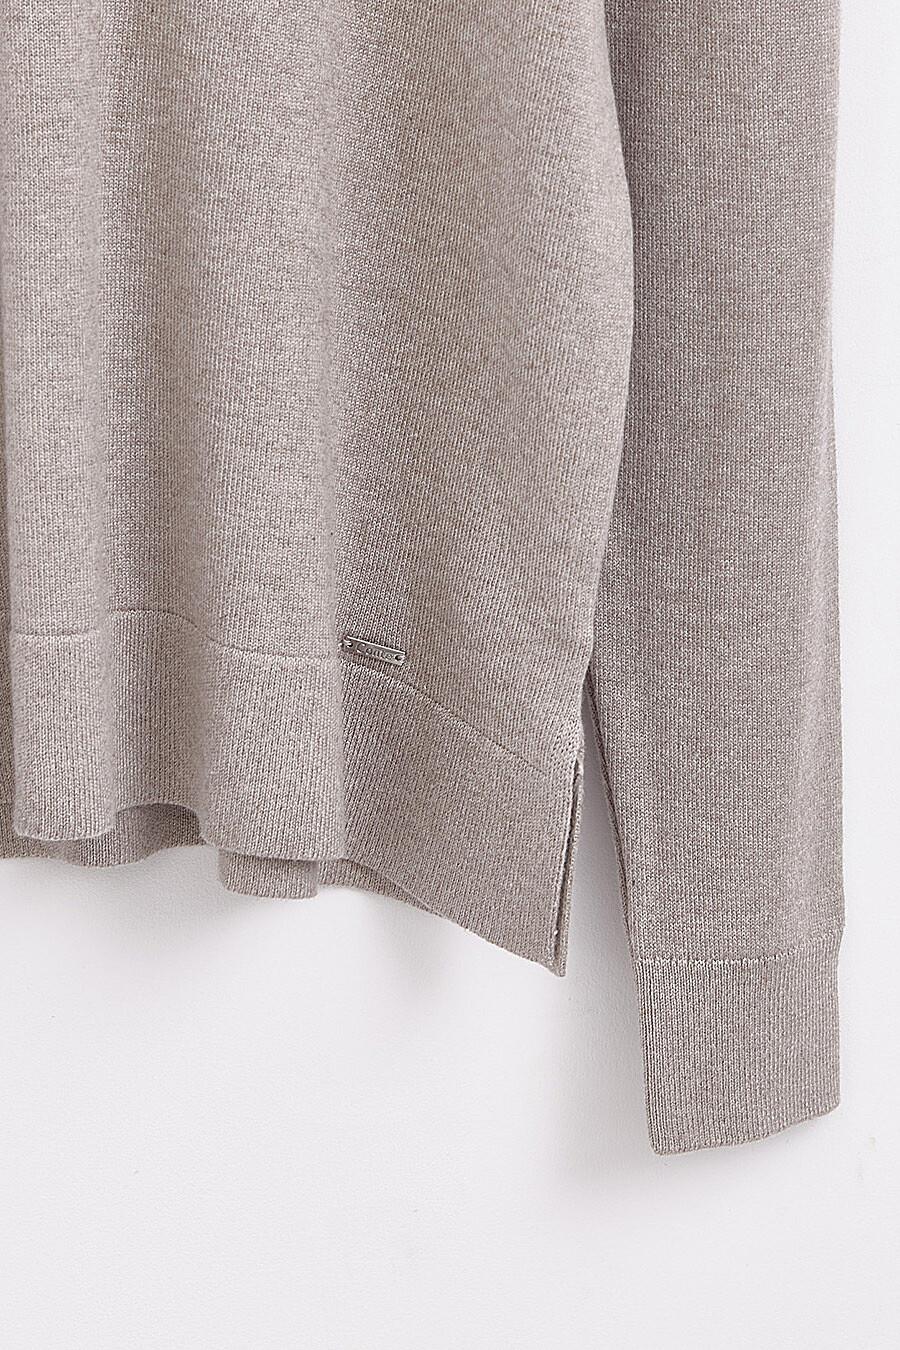 Джемпер CONTE ELEGANT (700198), купить в Moyo.moda